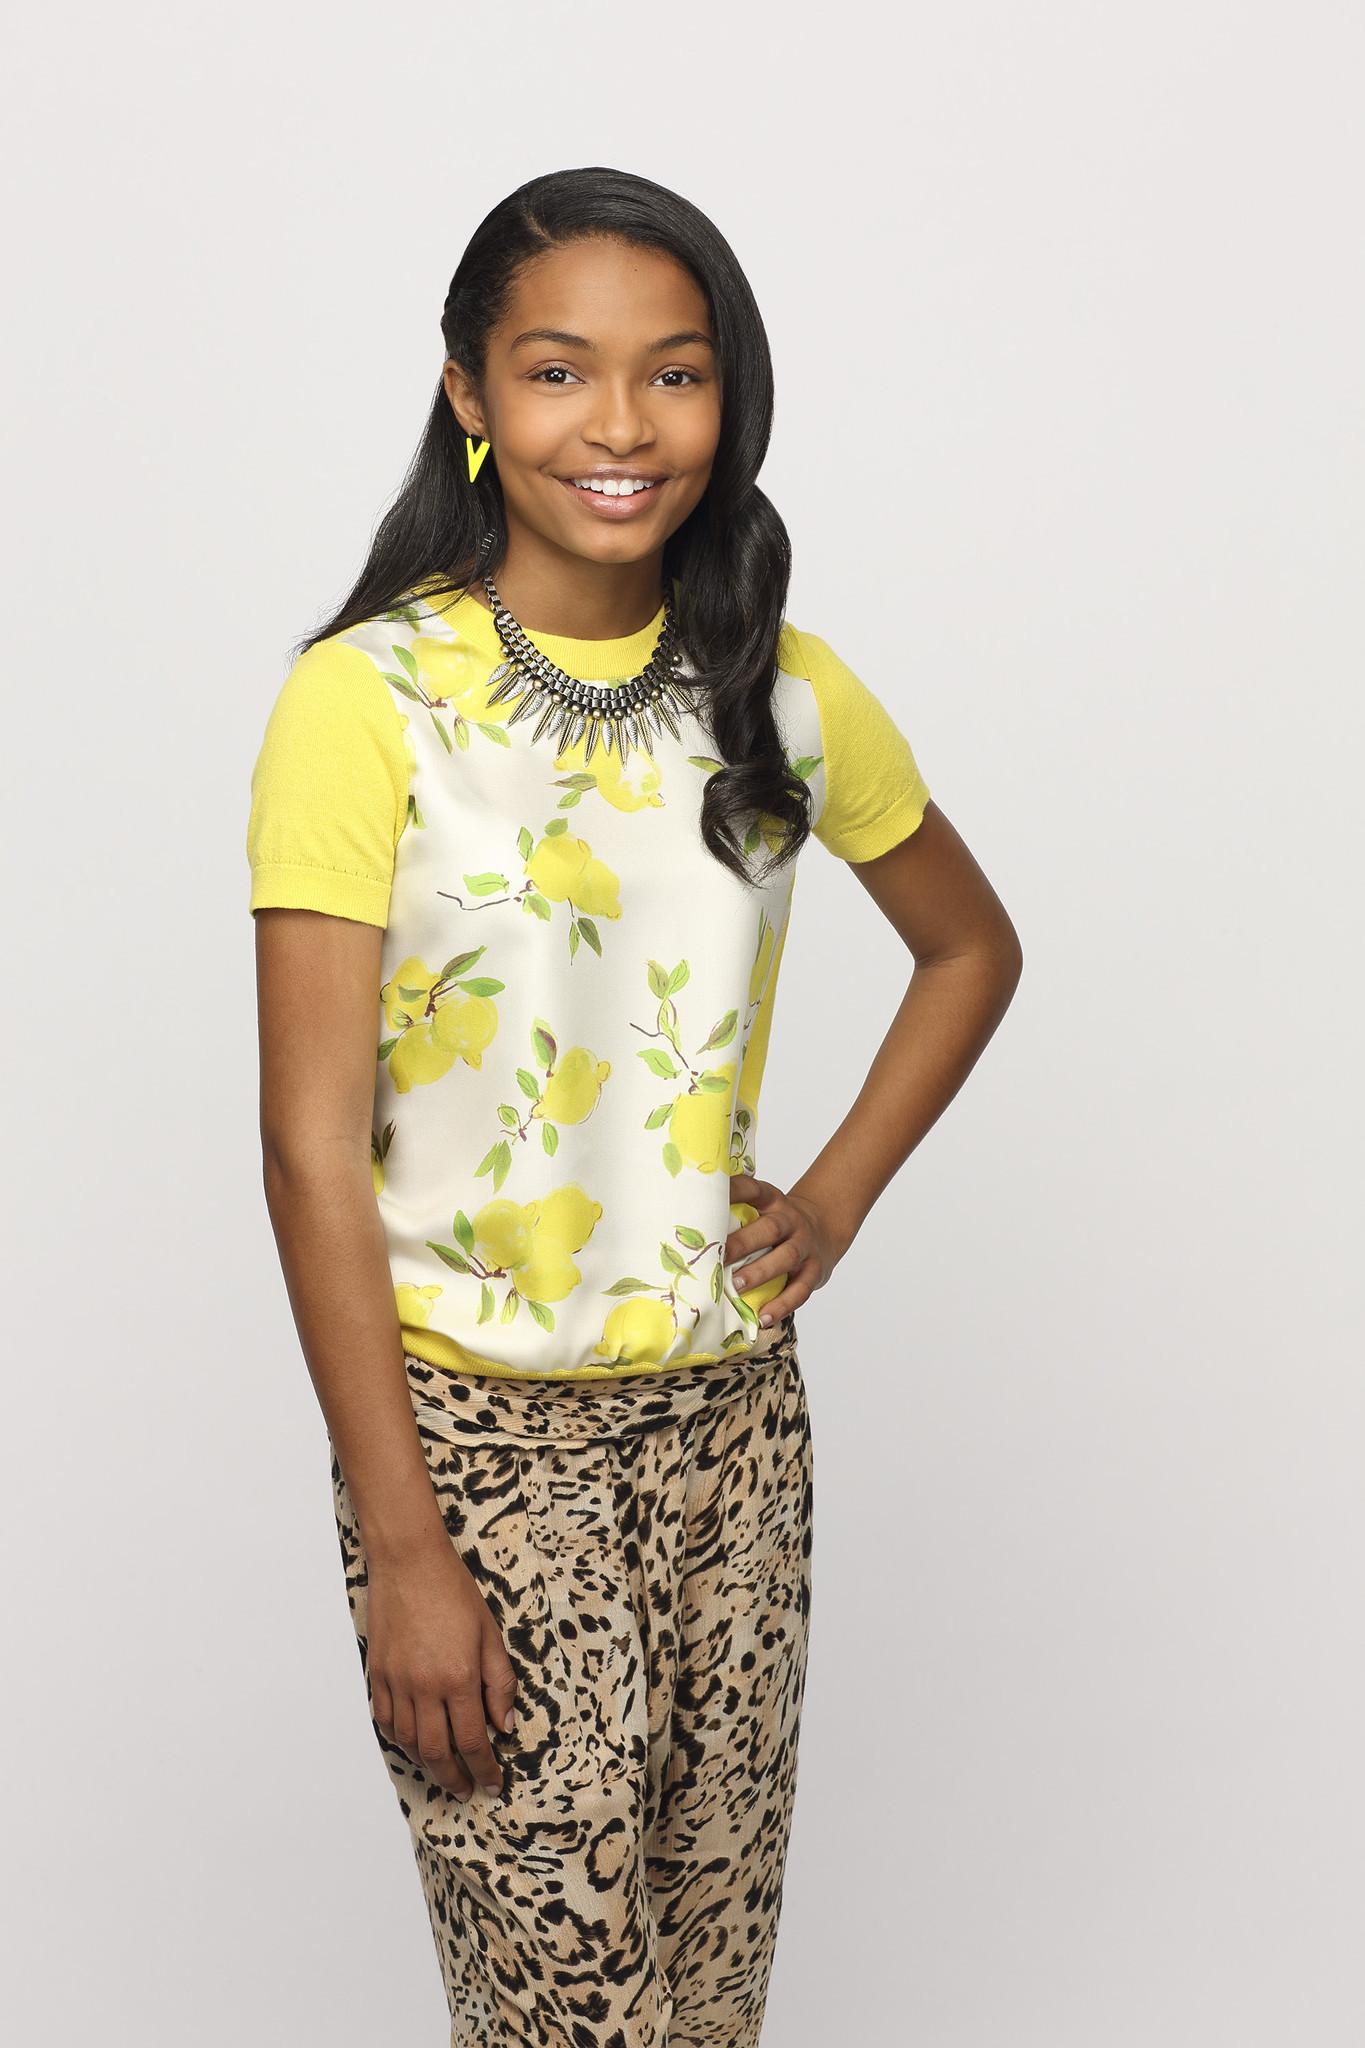 Black-ish: Yara Shahidi in un'immagine promozionale della serie